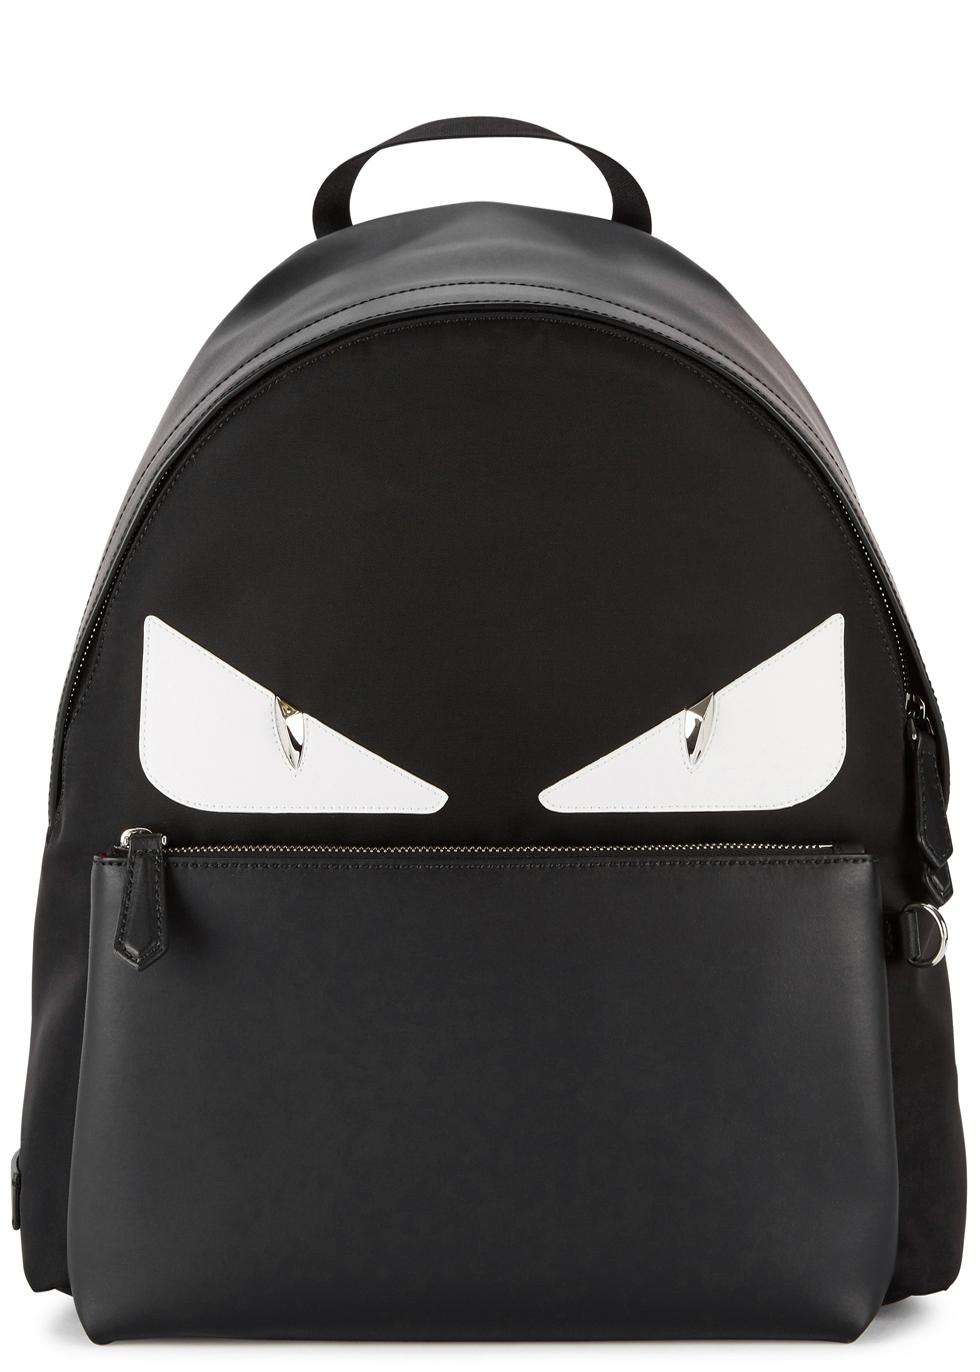 Men s Backpacks - Designer Bags - Harvey Nichols 47e5591f133c6